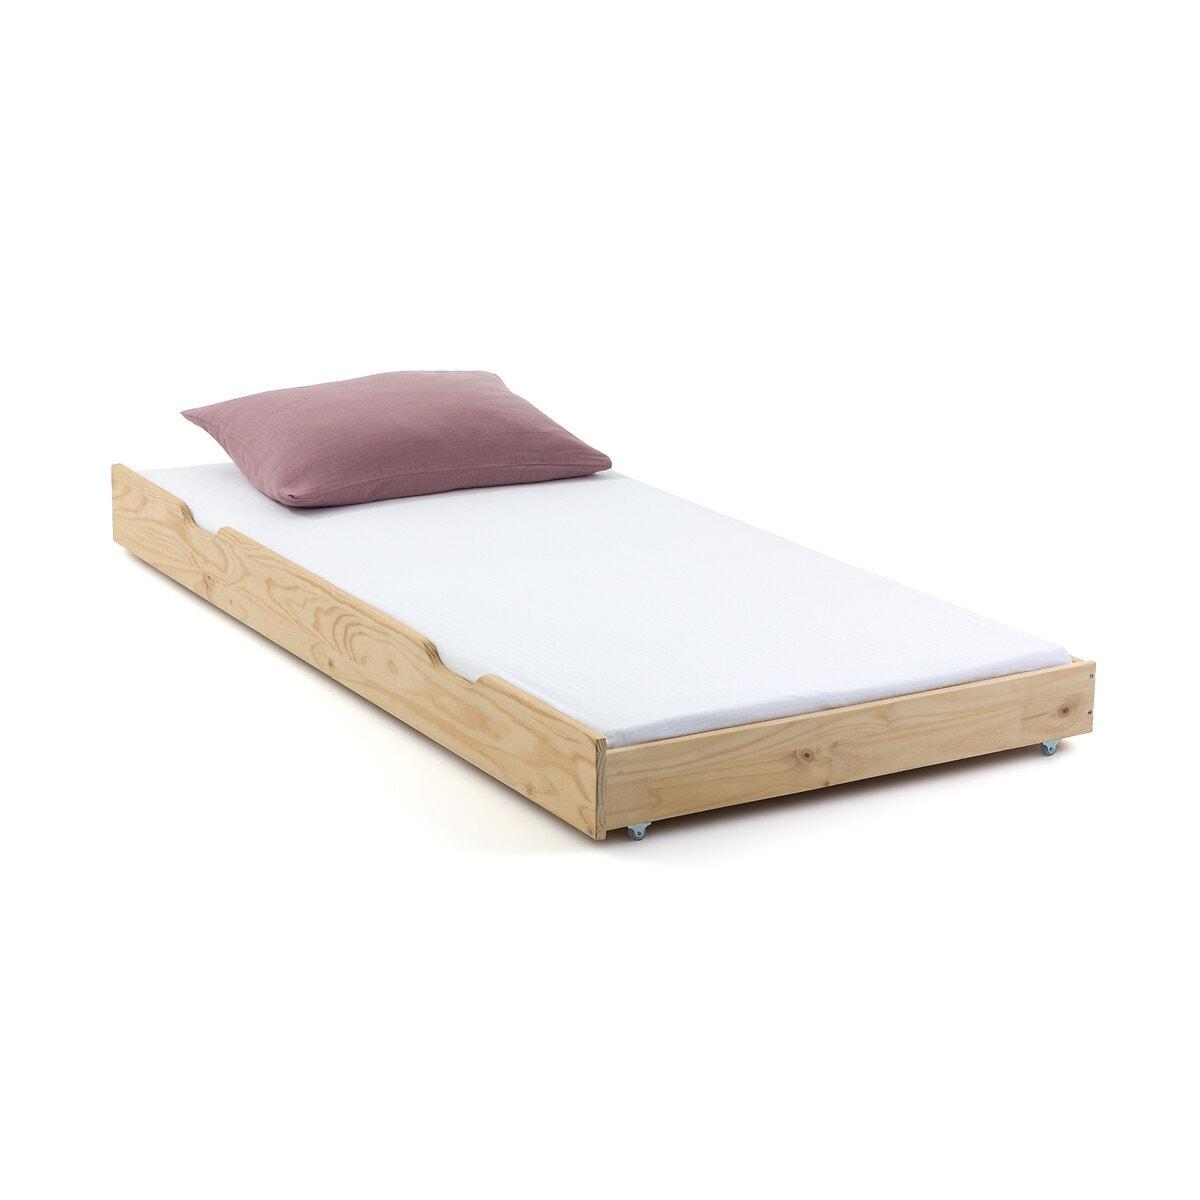 Συρόμενο κρεβάτι για κρεβάτι-σπιτάκι, Archi